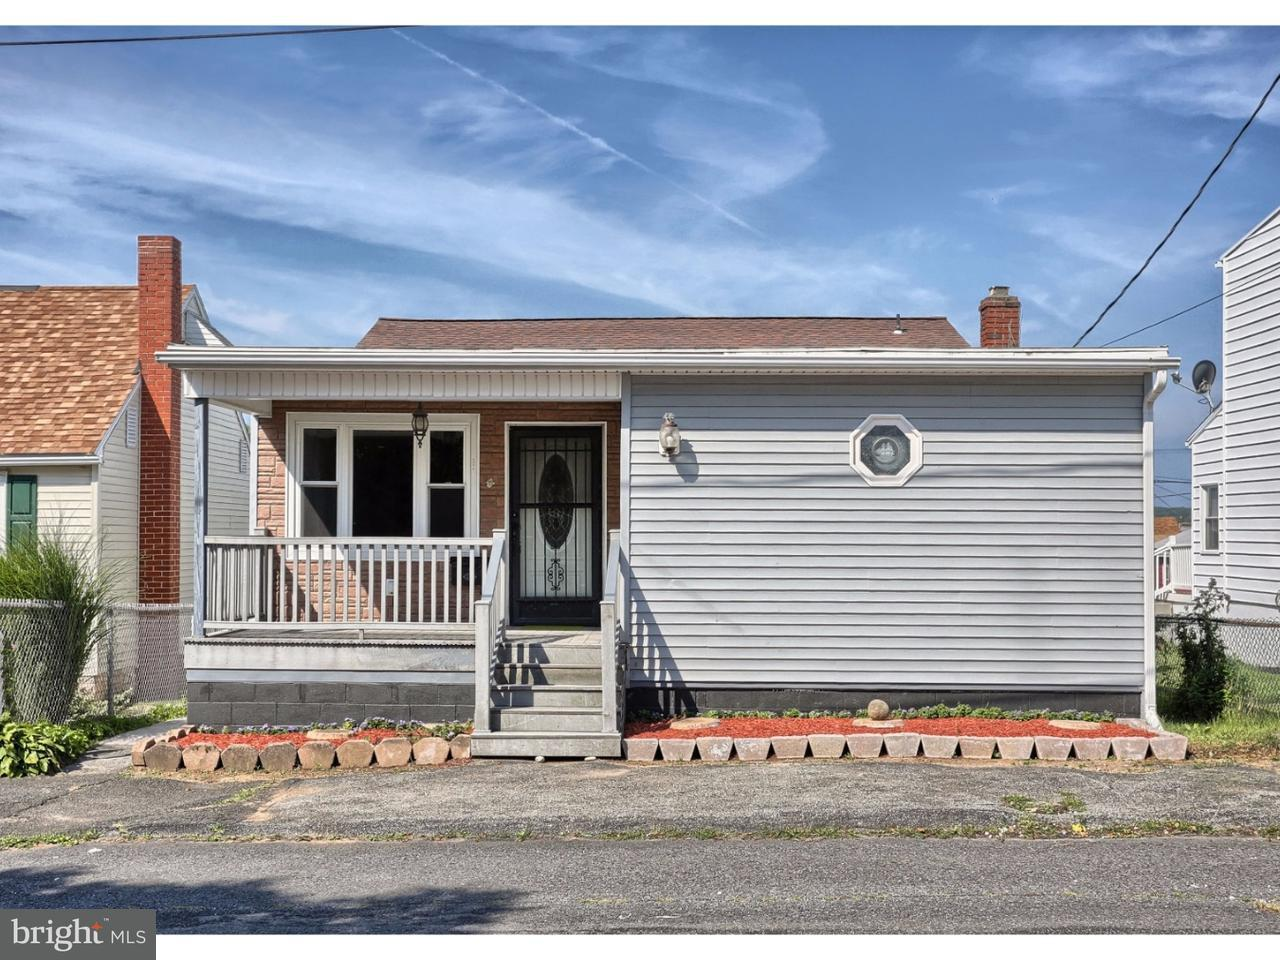 Частный односемейный дом для того Продажа на 144 S WYLAM Street Frackville, Пенсильвания 17931 Соединенные Штаты